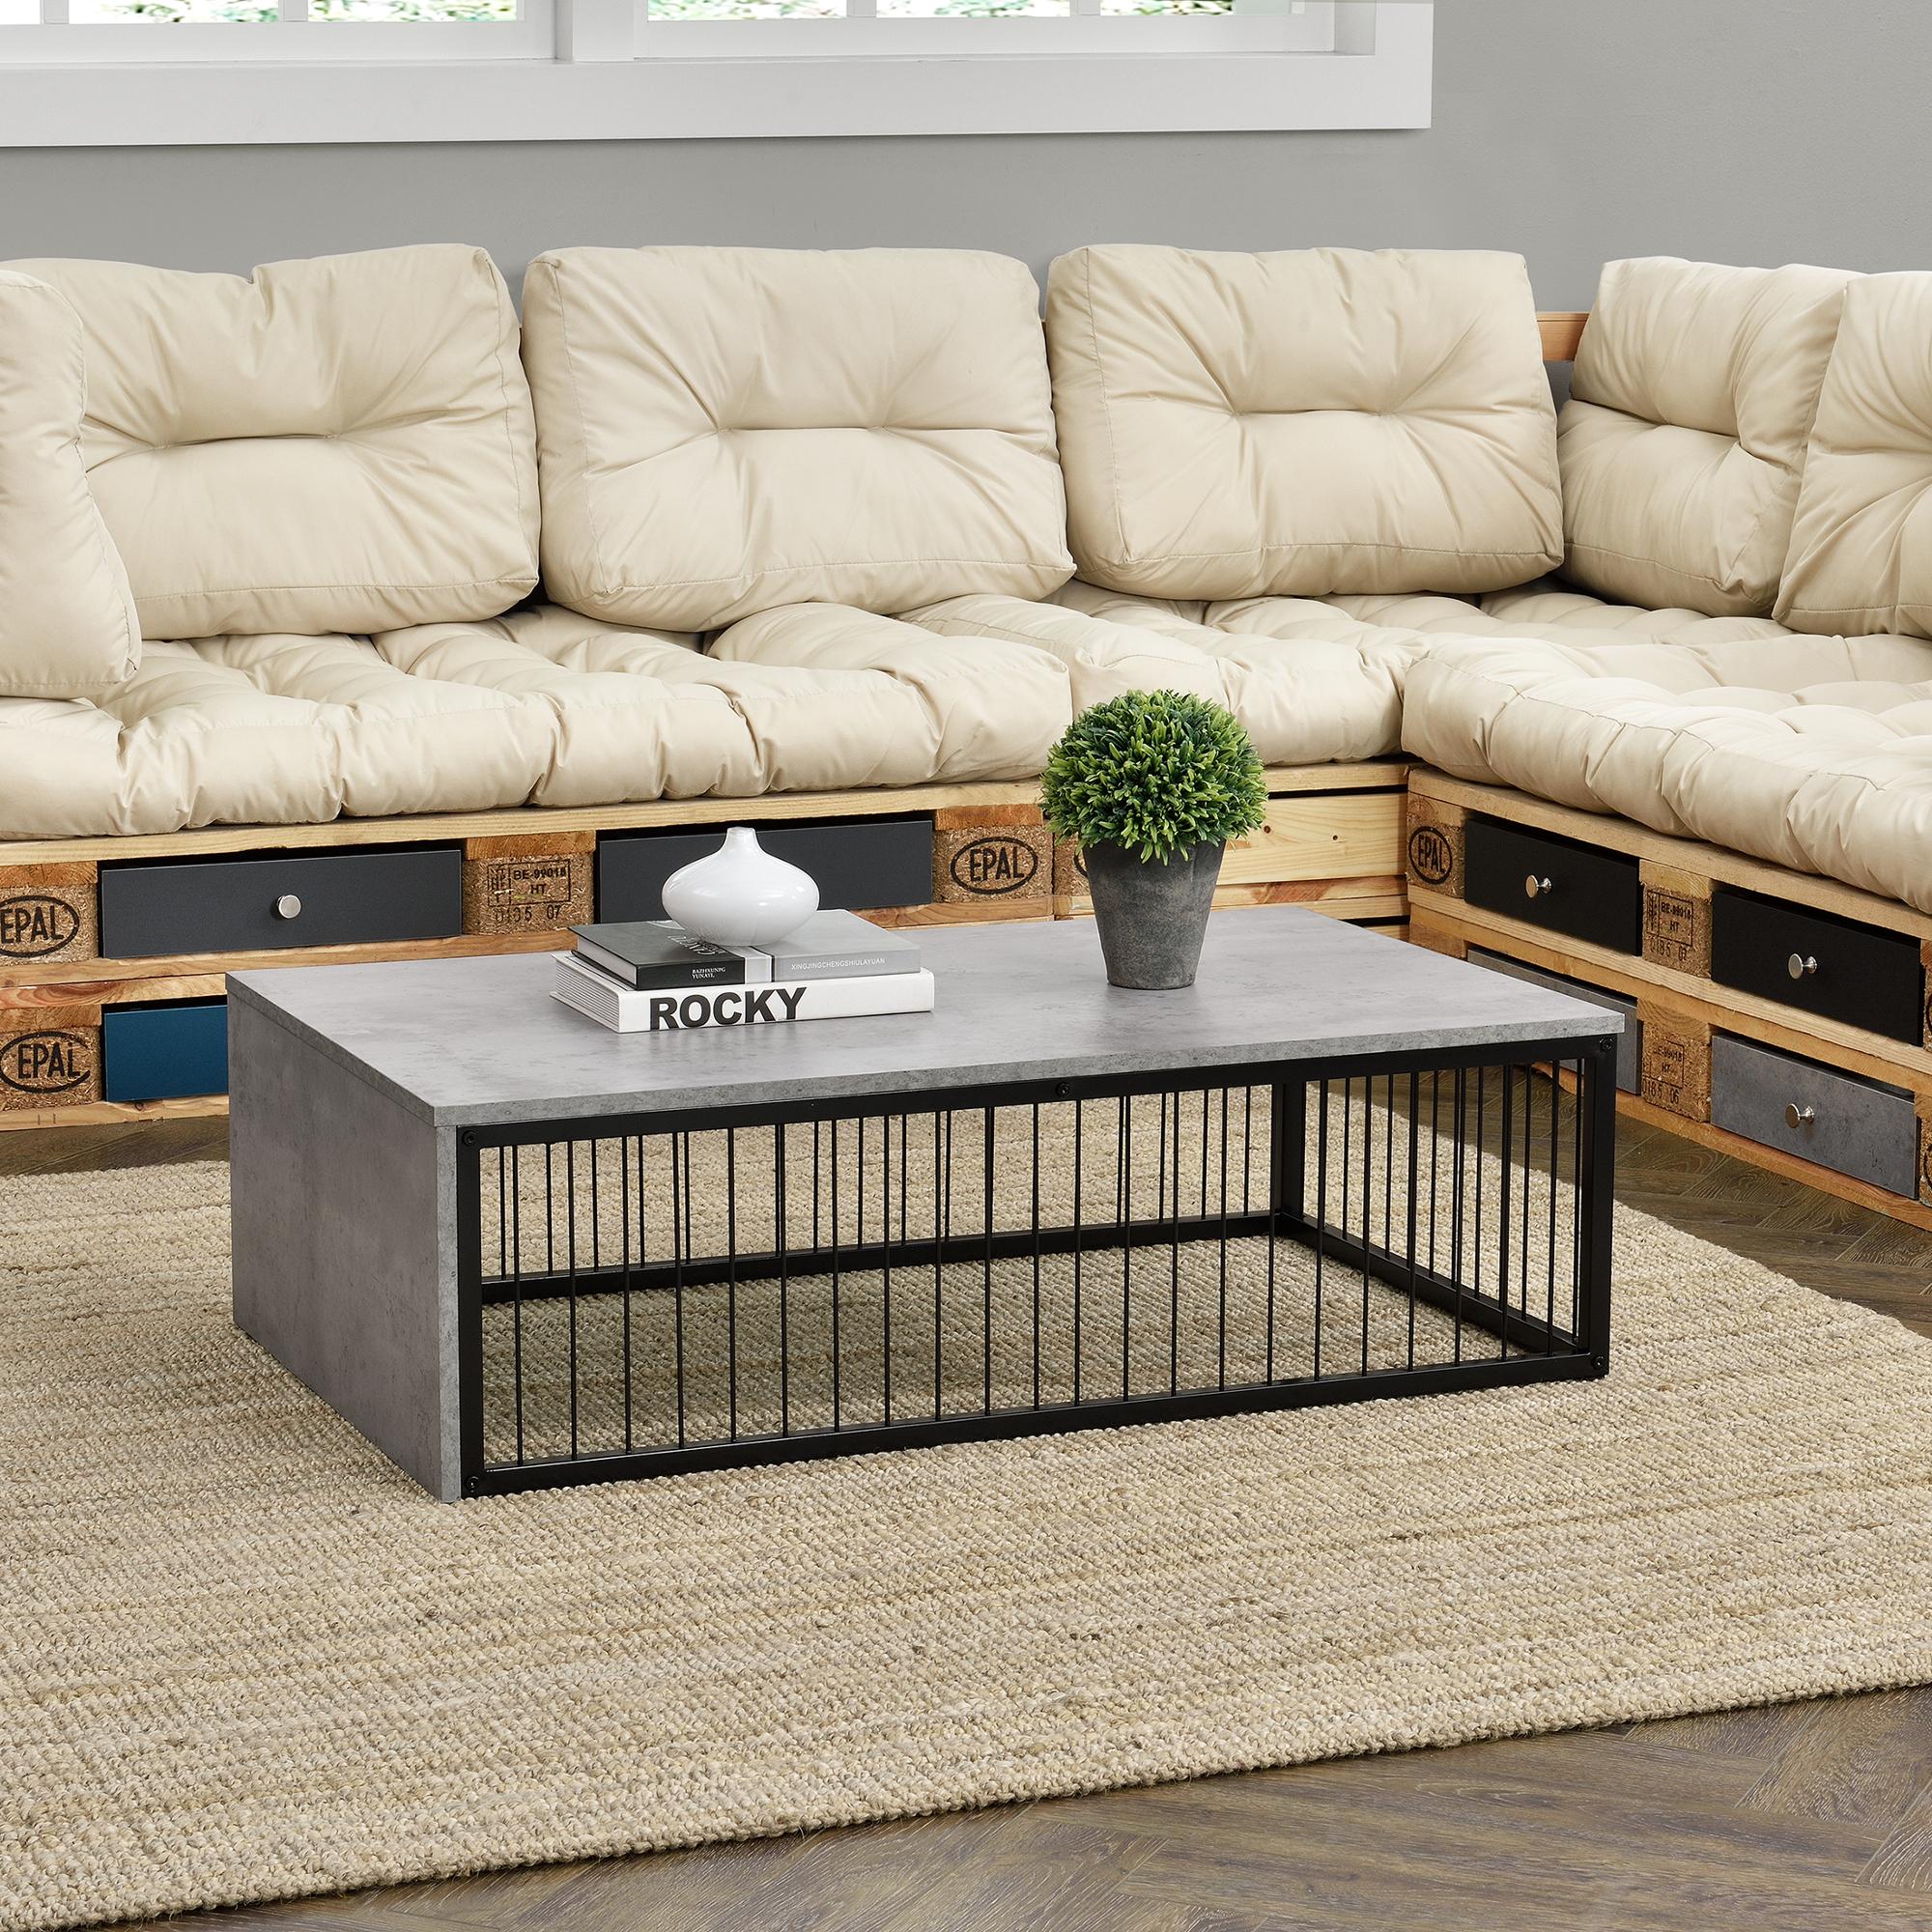 [en.casa]® Sodobna klubska miza - MDF-plošča - s kovinskim ogrodjem, imitacija betona - 100 cm x 60 cm x 30 cm